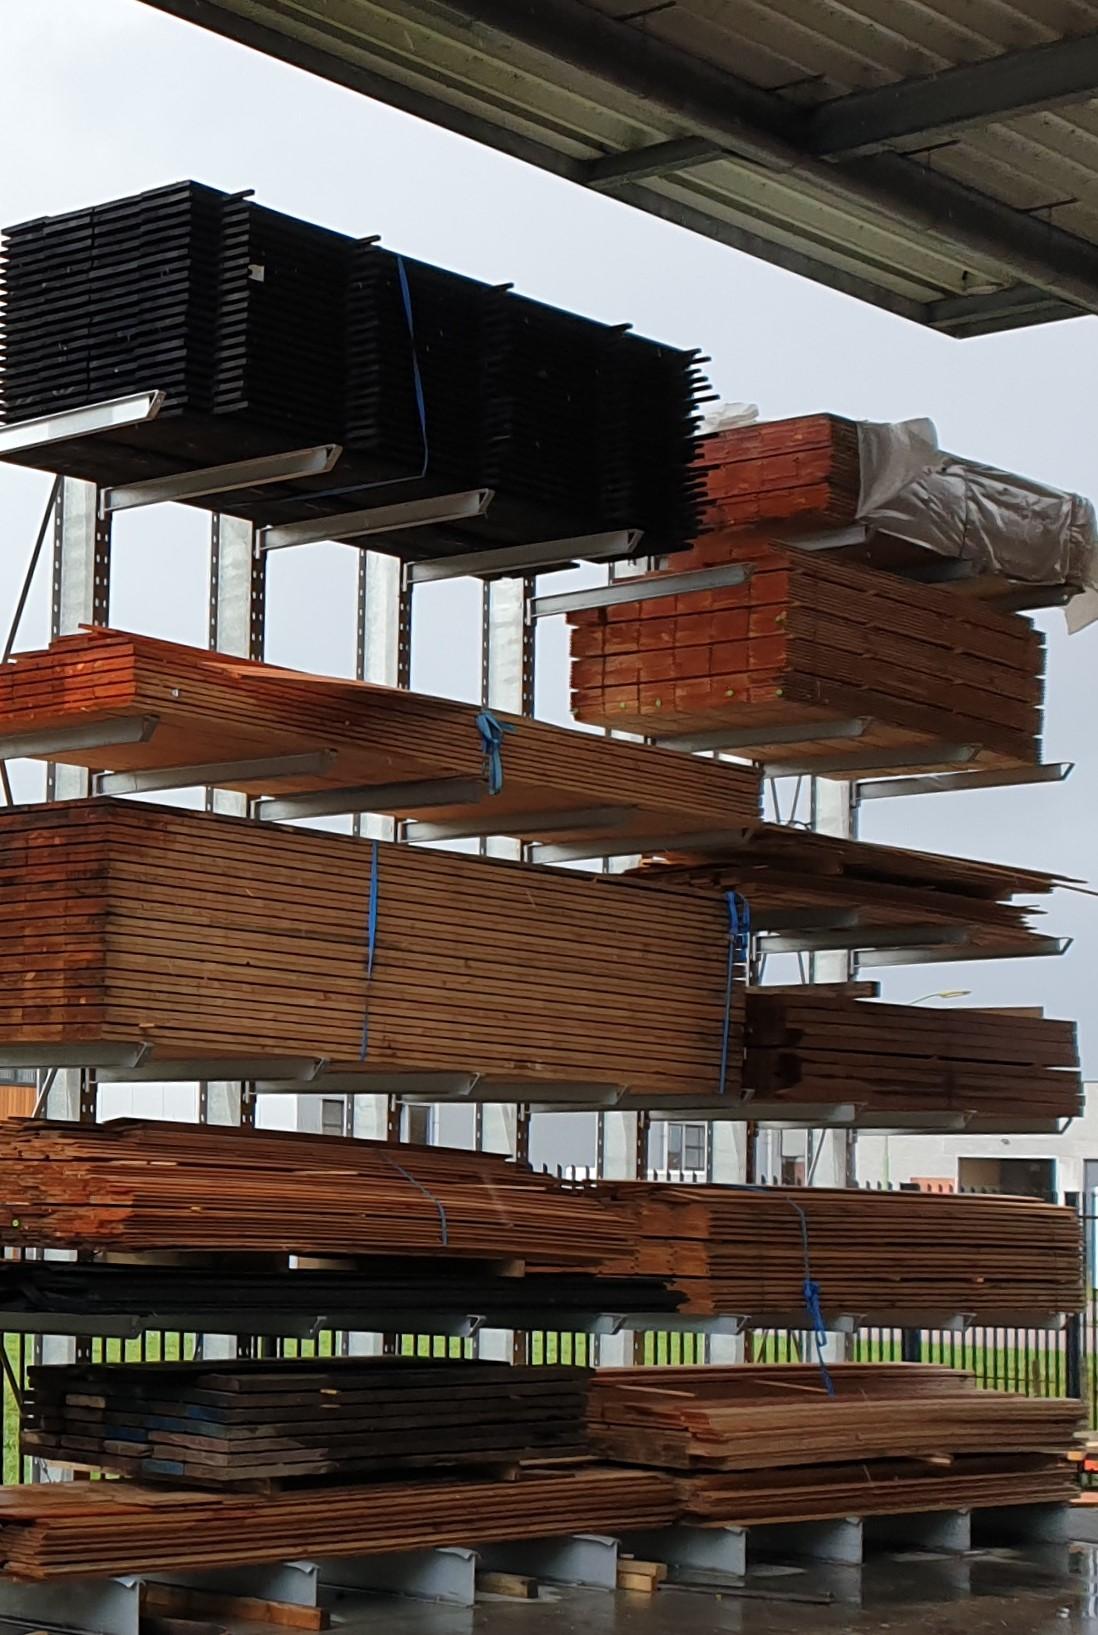 Opslag bouwmatr. 7. Draagarmstellingen voor buiten voor opslag van bouwmateriaal